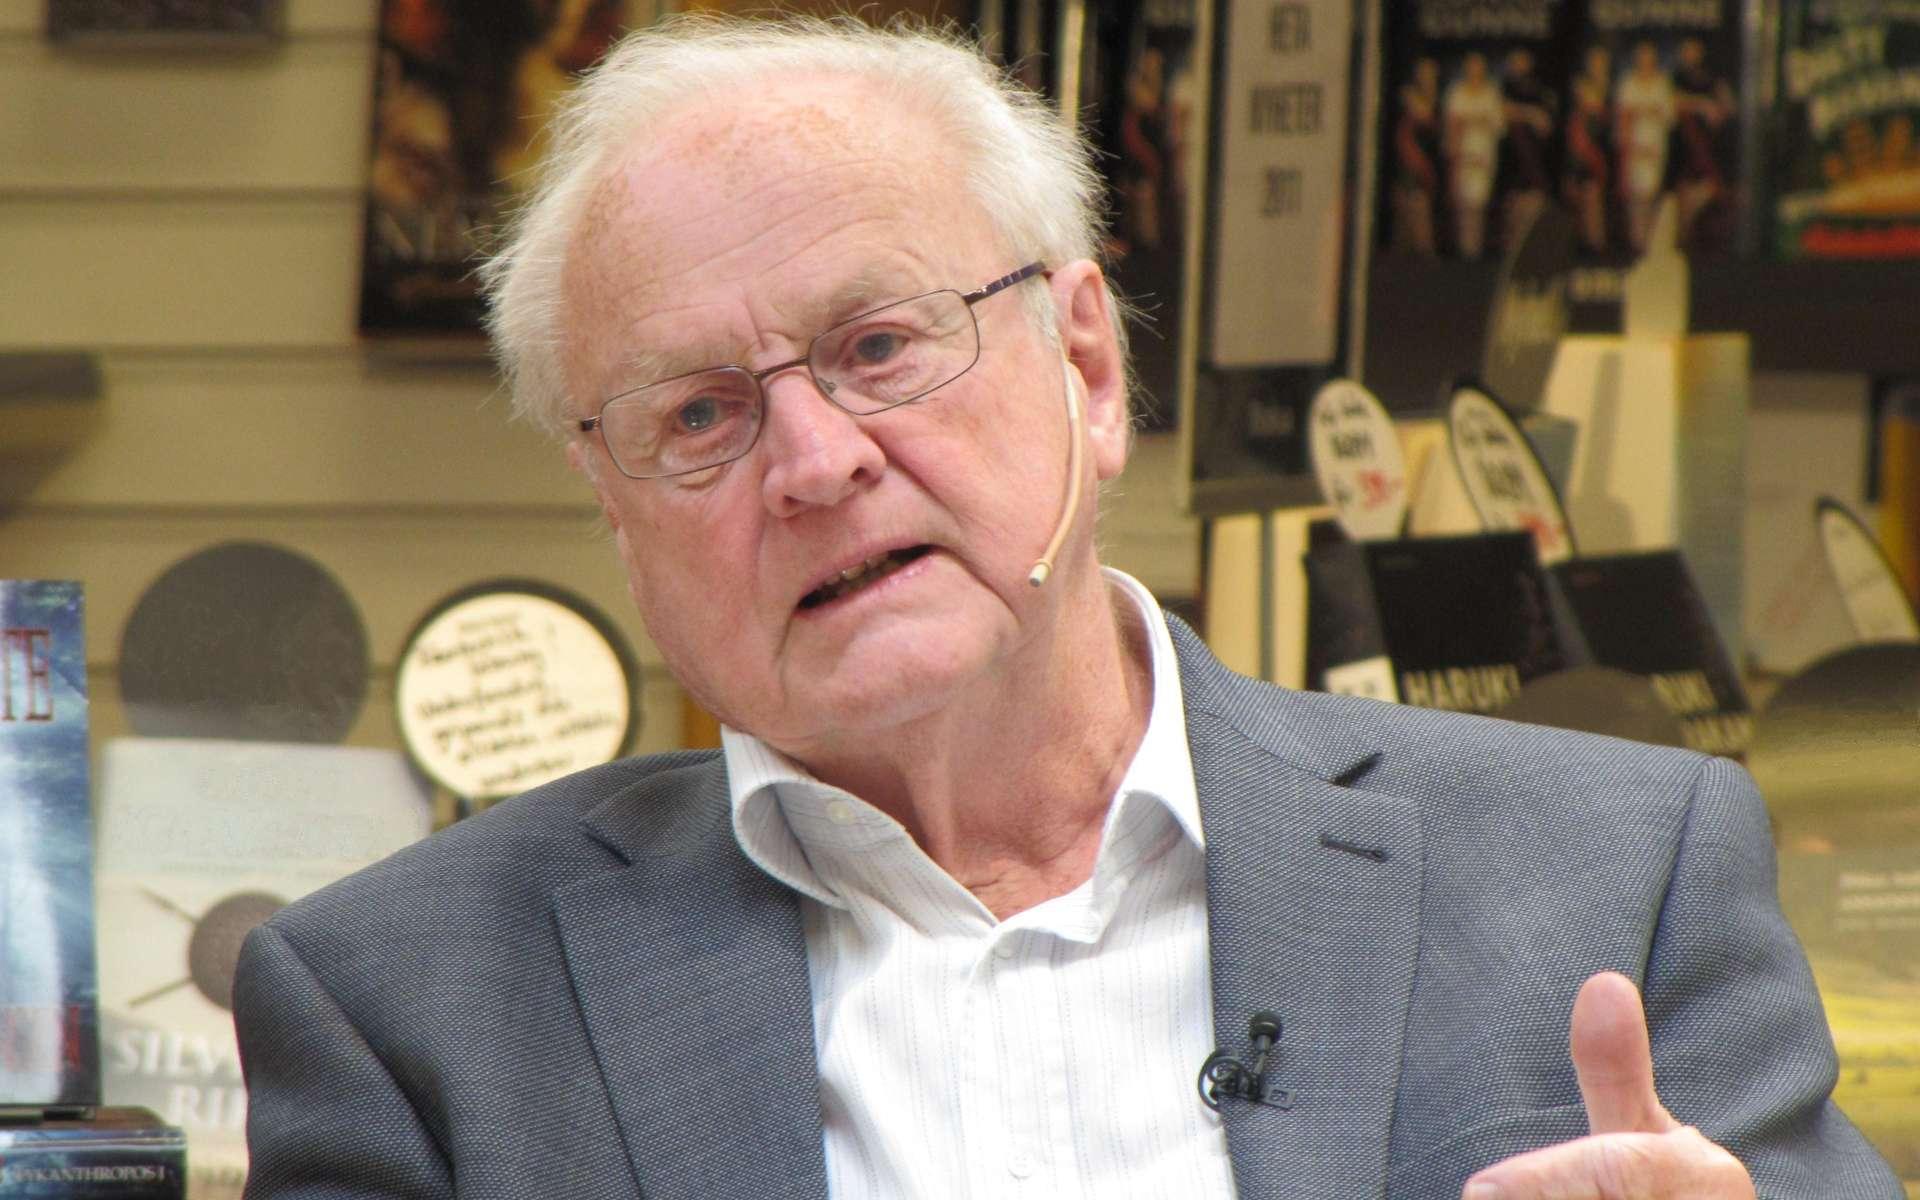 Arvid Carlsson, le premier Homme à avoir compris le rôle que jouait la dopamine dans la maladie de Parkinson. Le comité Nobel l'a récompensé en 2000 pour sa découverte. © Vogler, Wikimedia